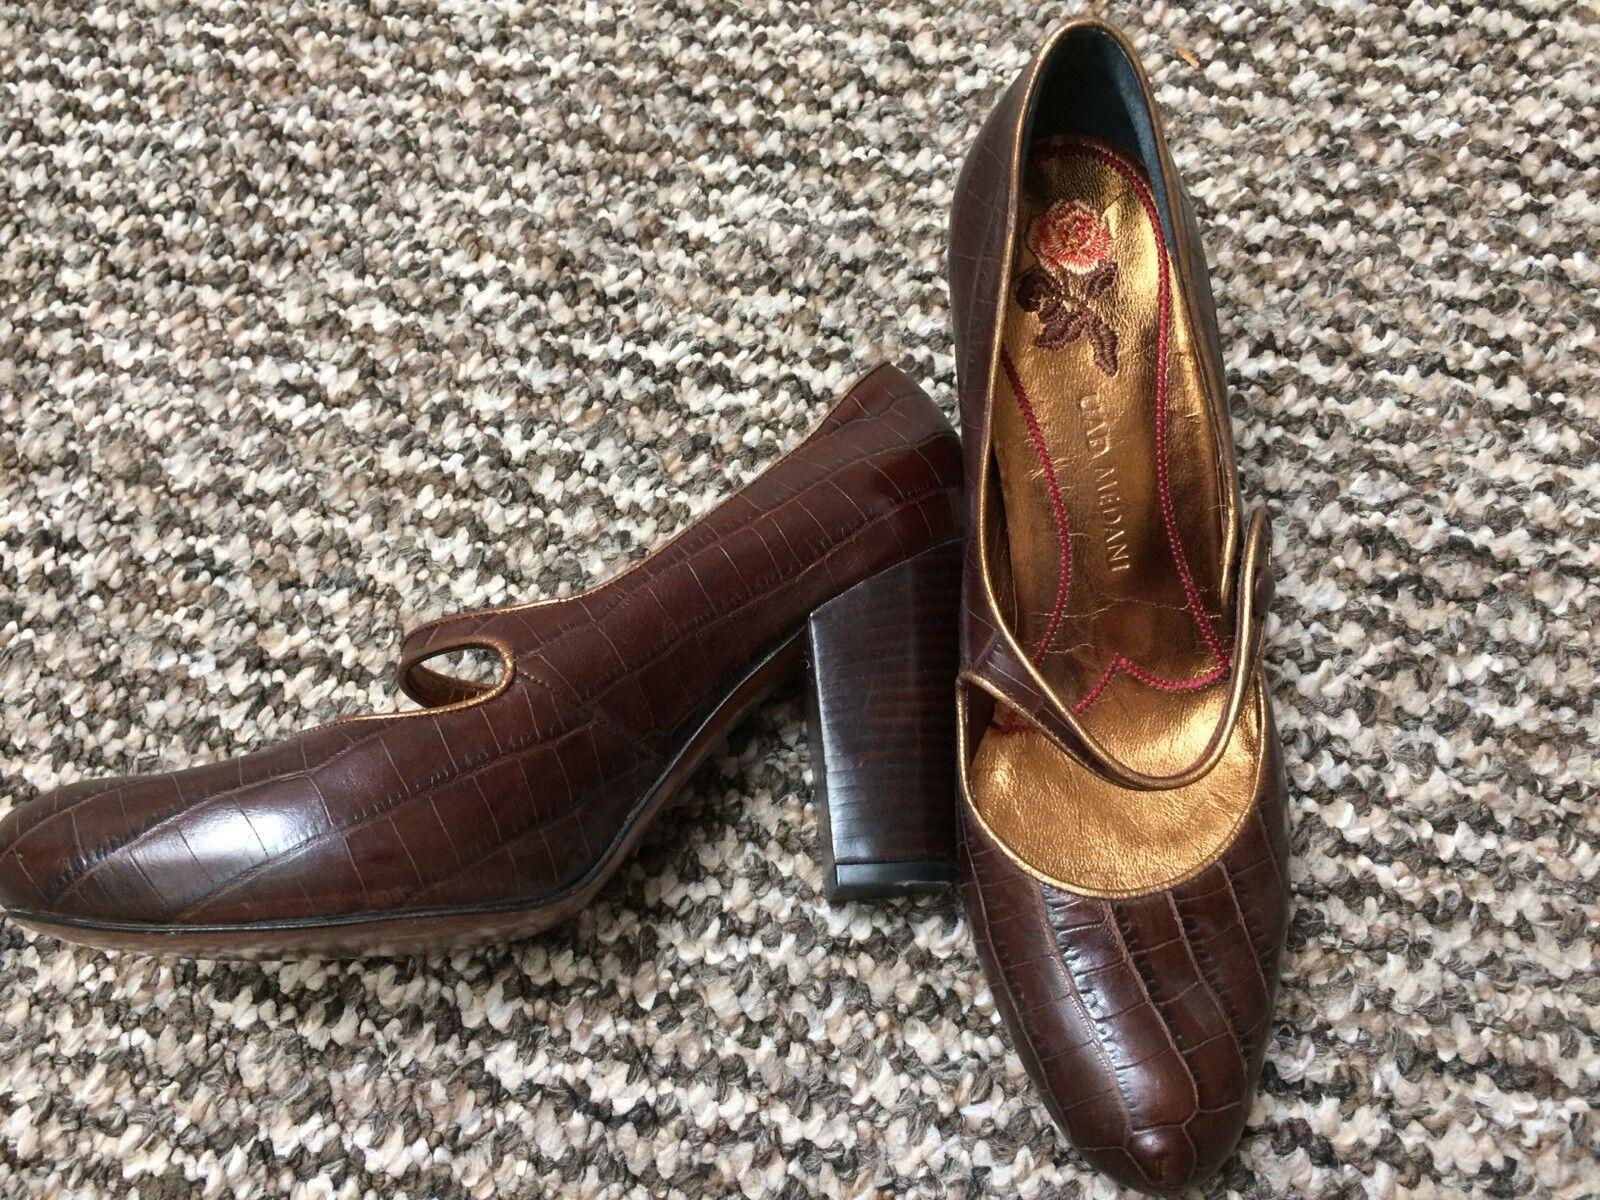 Uad Medani Mock Croc Schuhes 38 BNWOT Vintage style